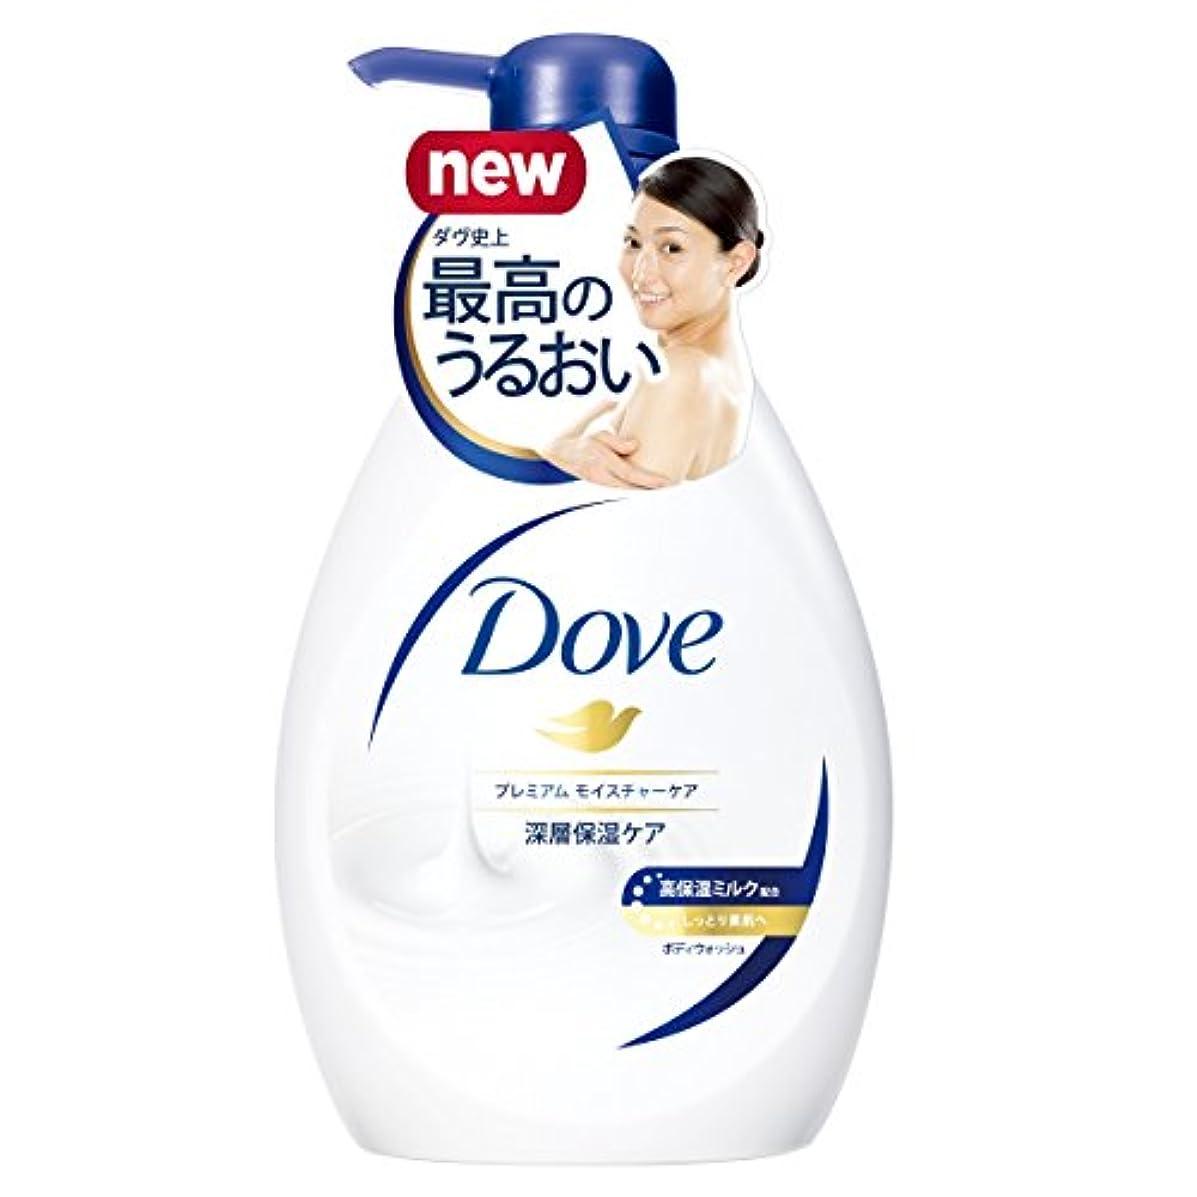 忌まわしい放課後季節Dove(ダヴ) ボディウォッシュ プレミアム モイスチャーケア ポンプ 500g